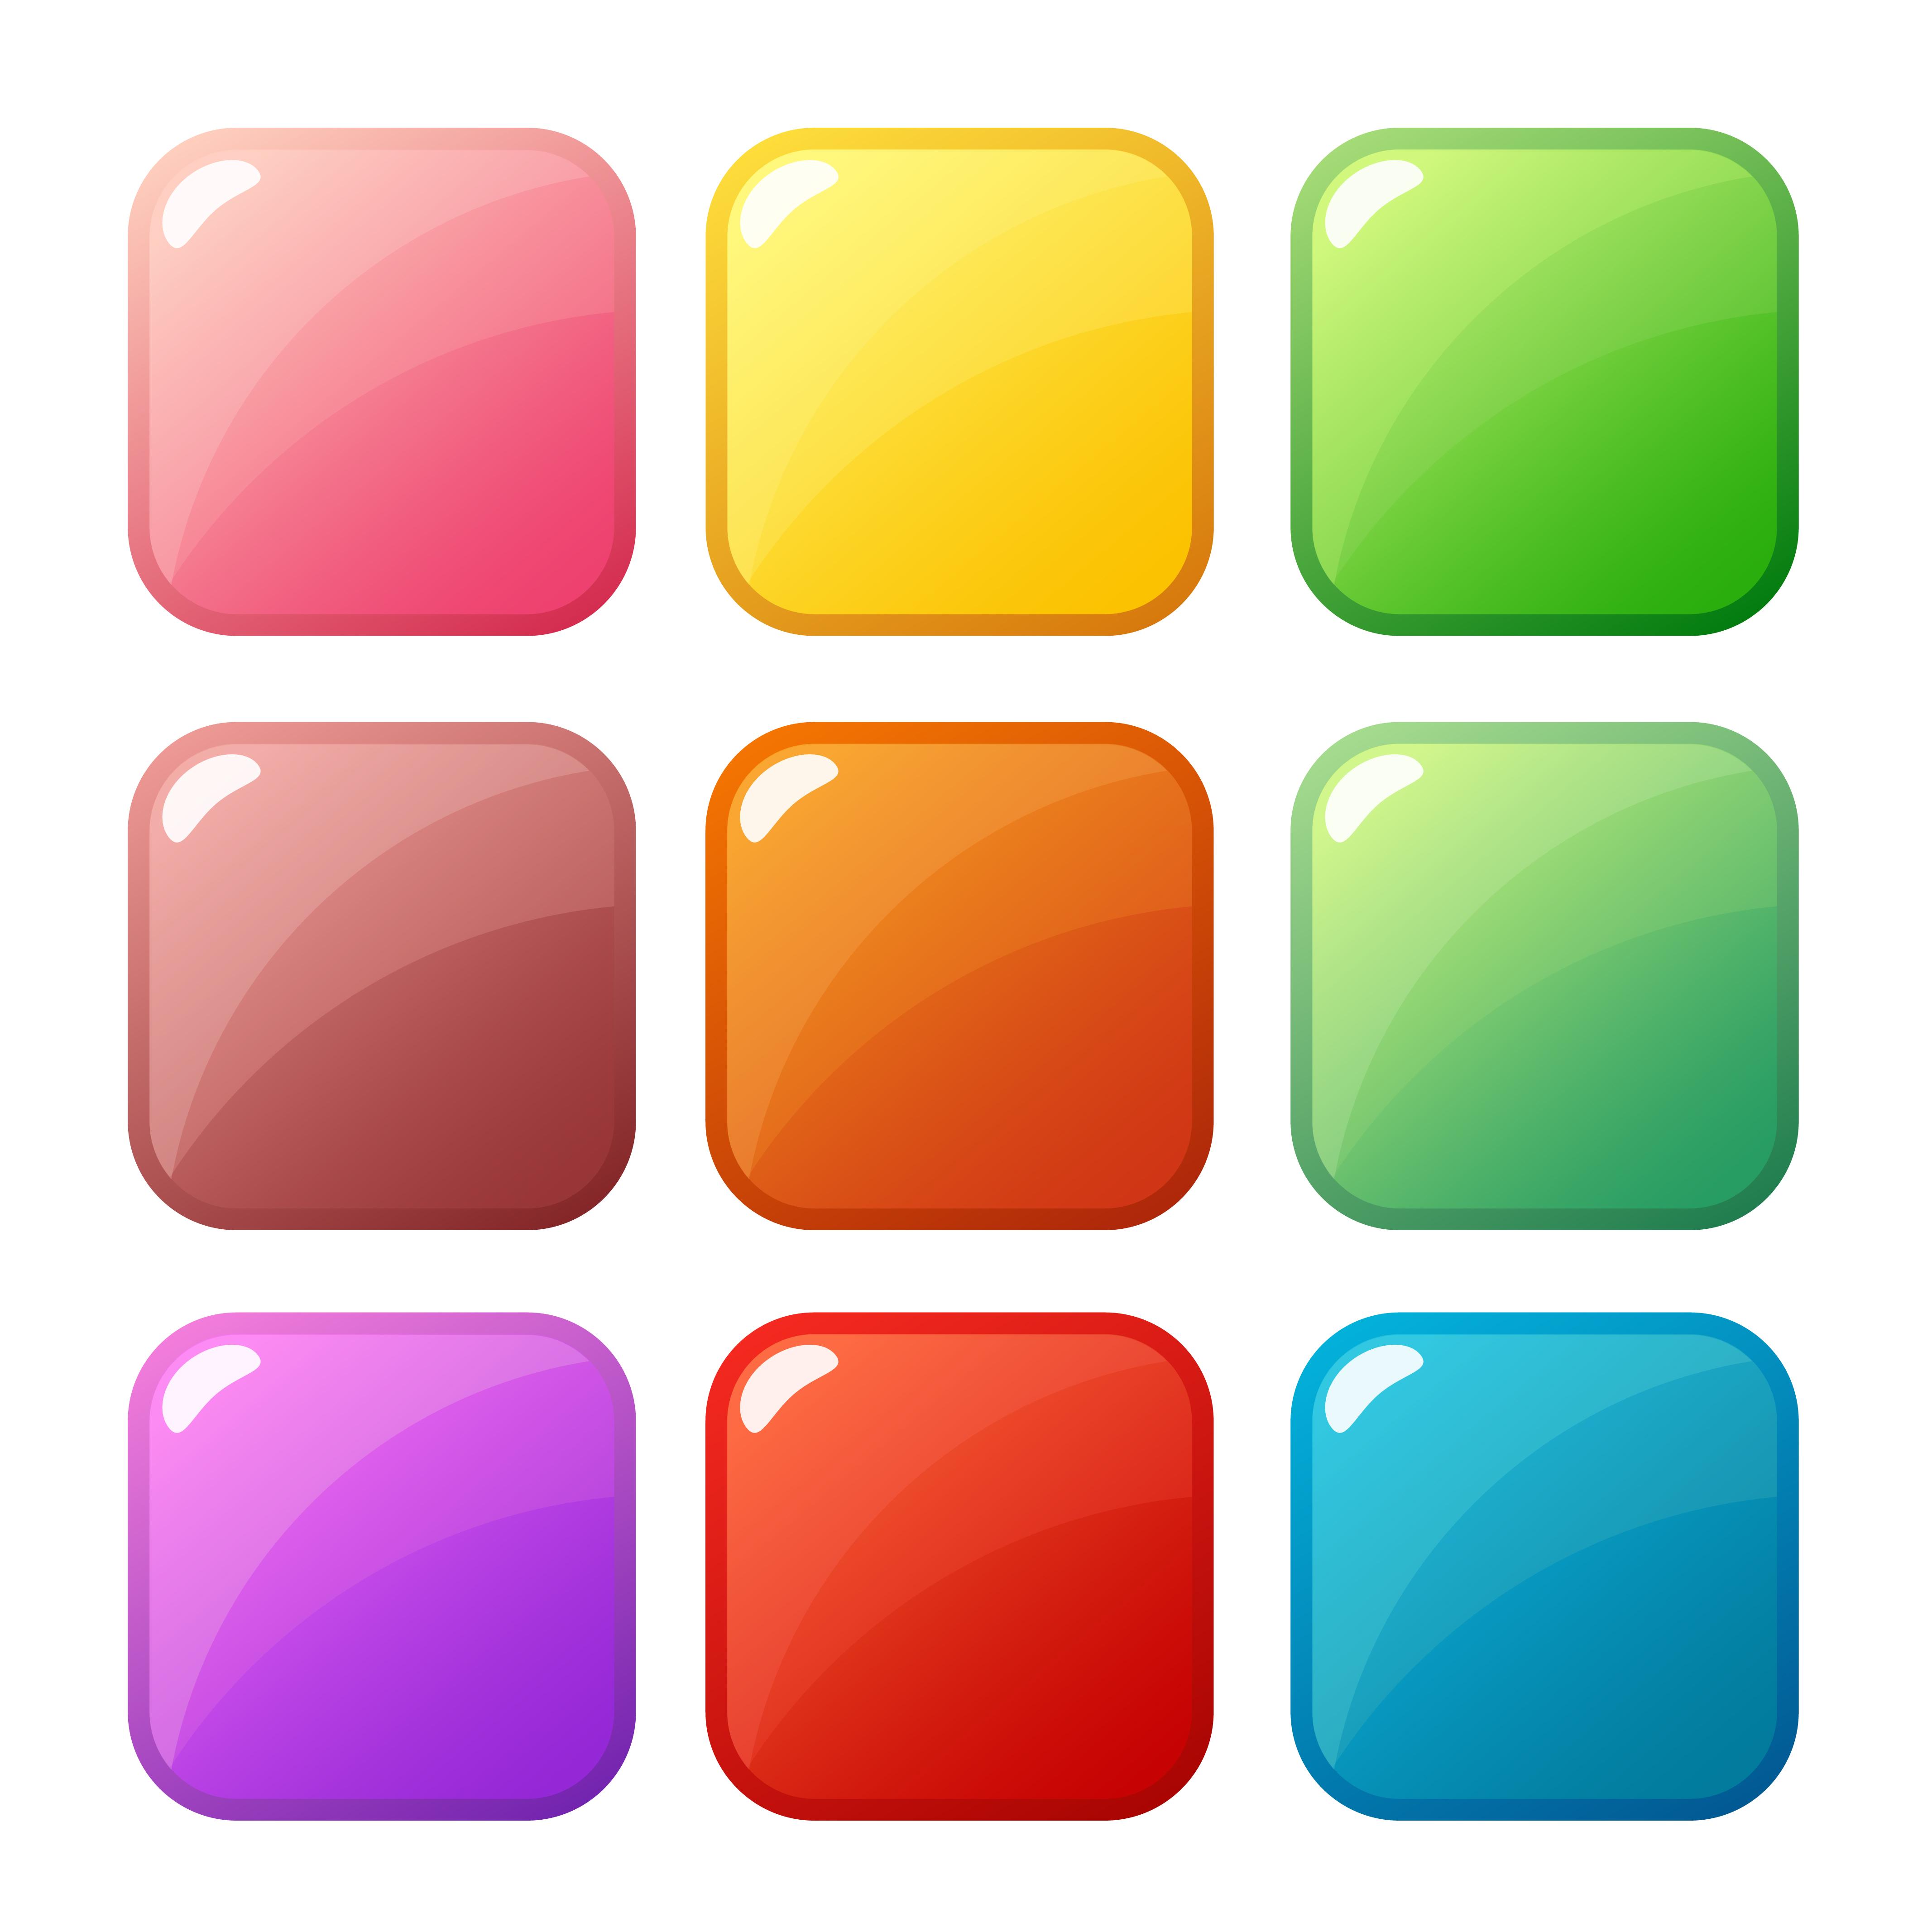 Button Game